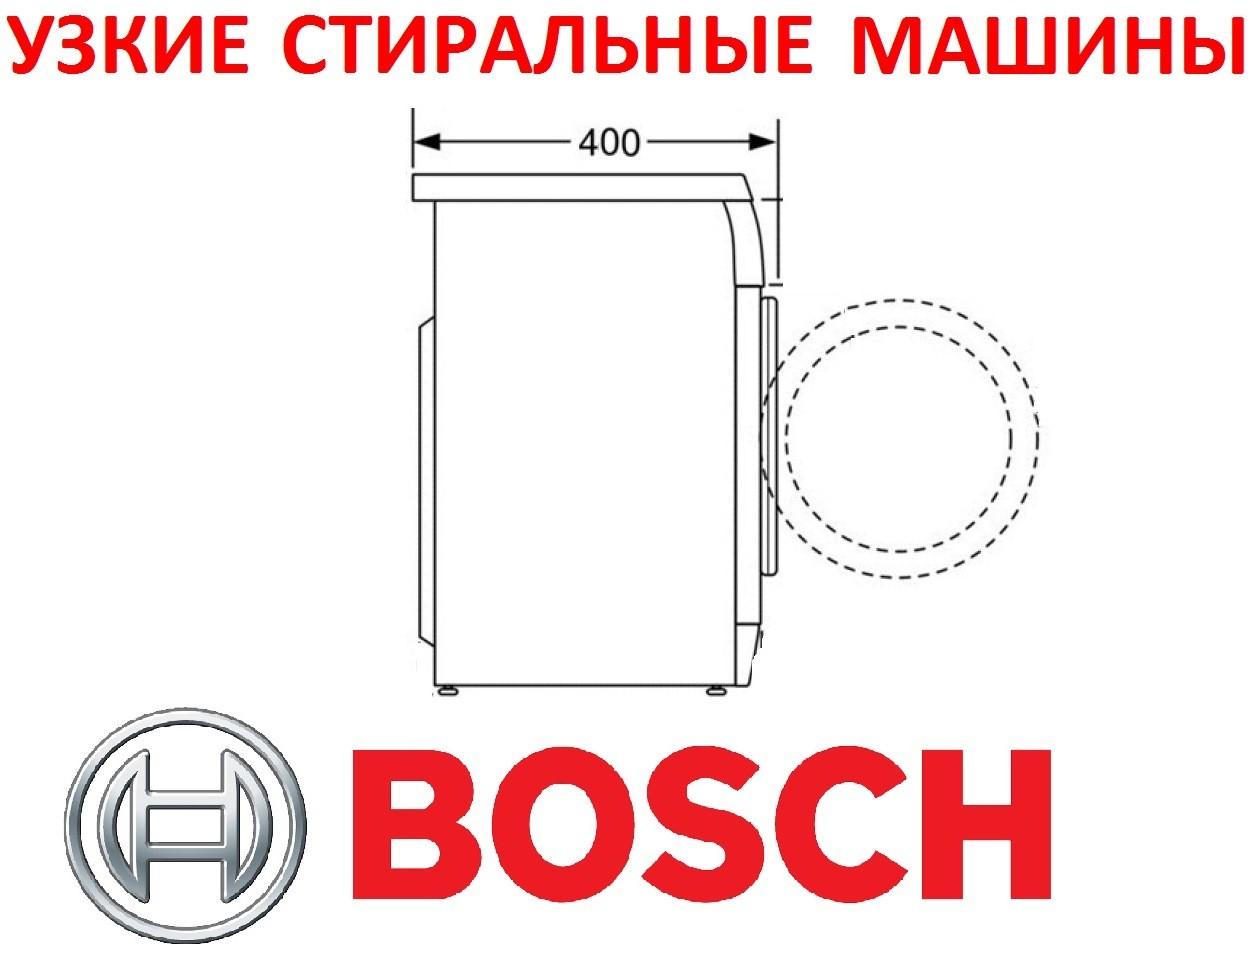 Узкие стиральные машины Бош с фронтальной загрузкой